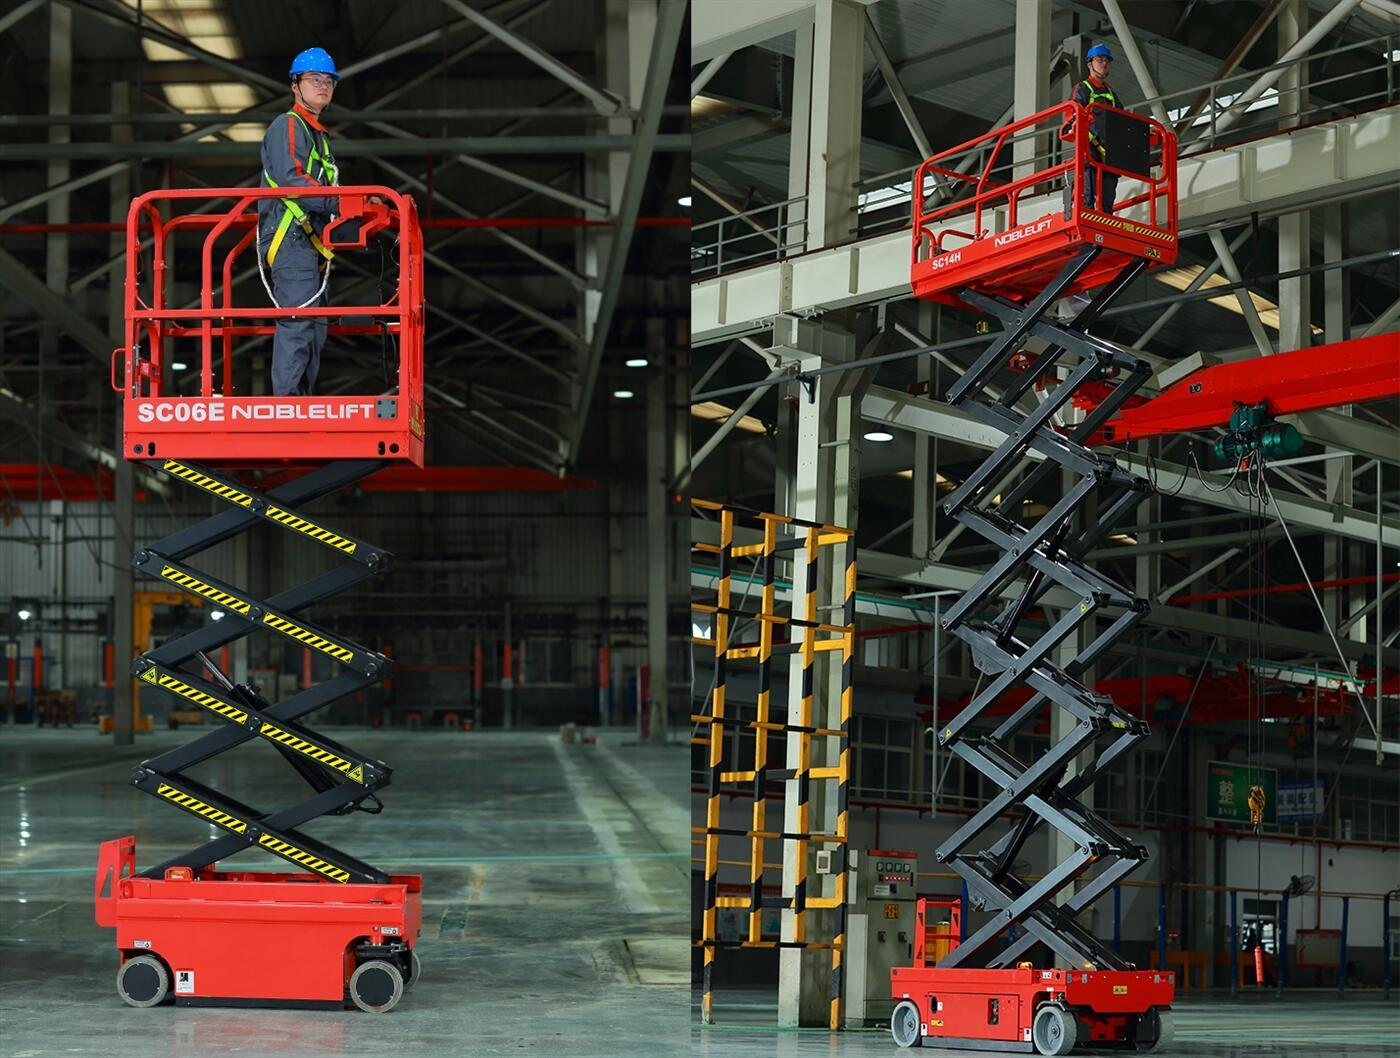 xe nâng người tự hành , xe nâng thi công , thang nâng người , xe nâng người 12 mét